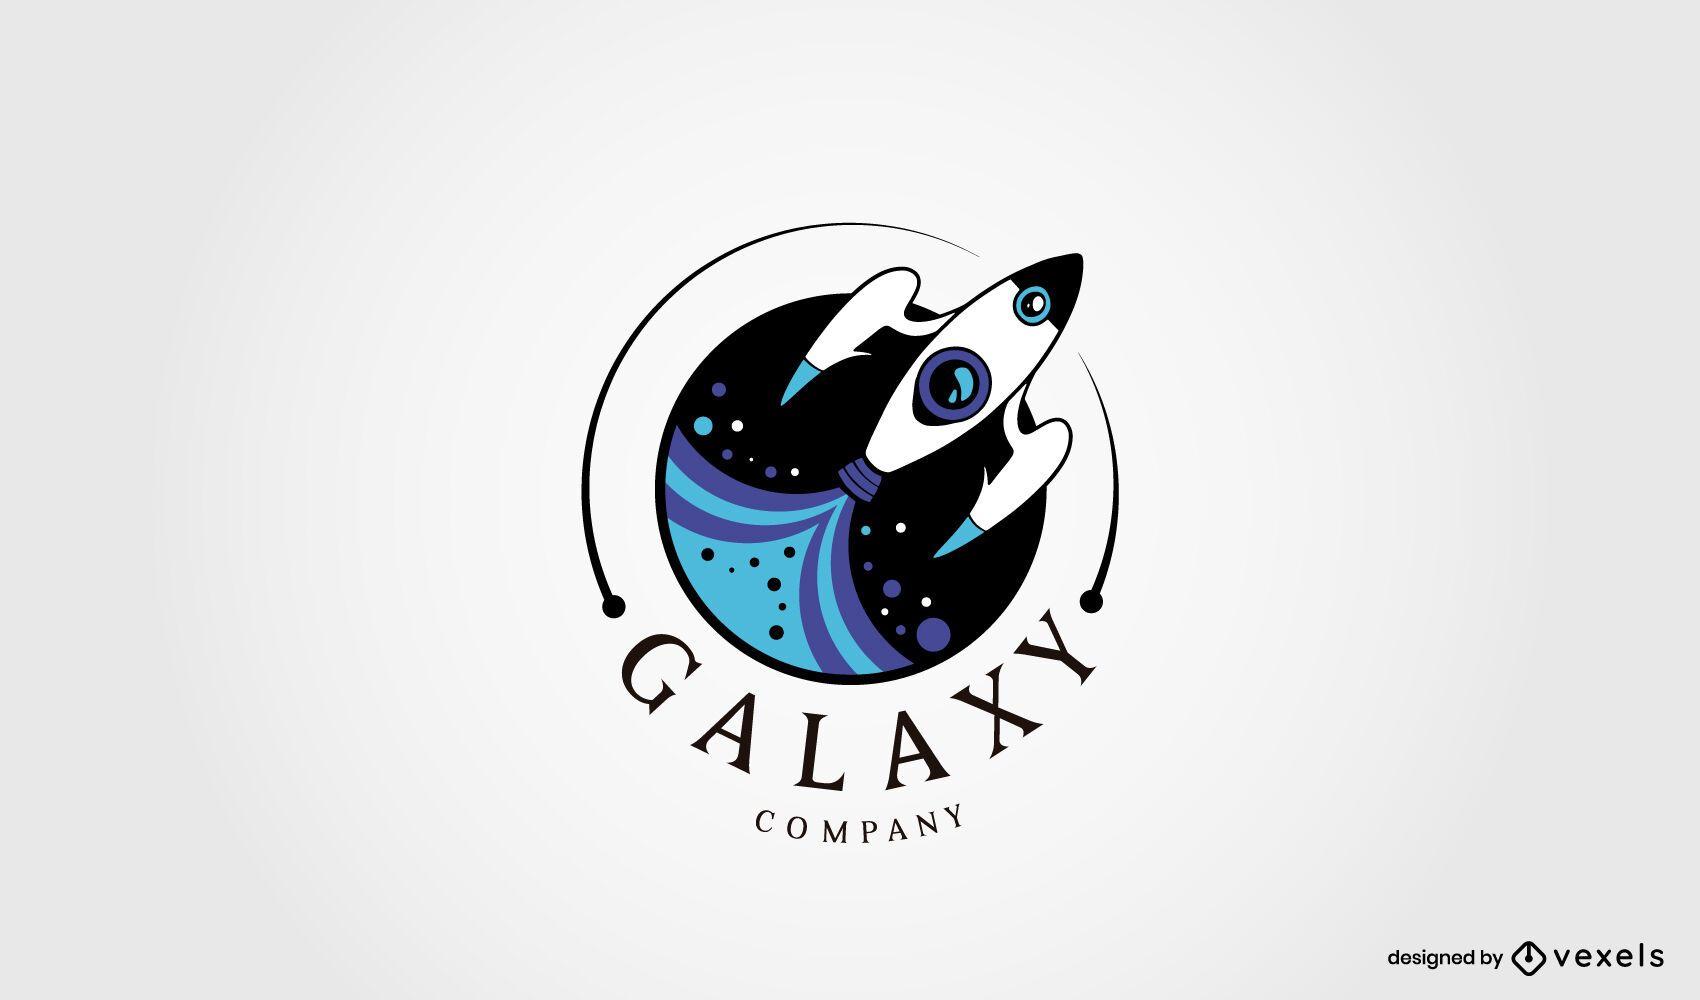 Dise?o de logotipo de cohete espacial